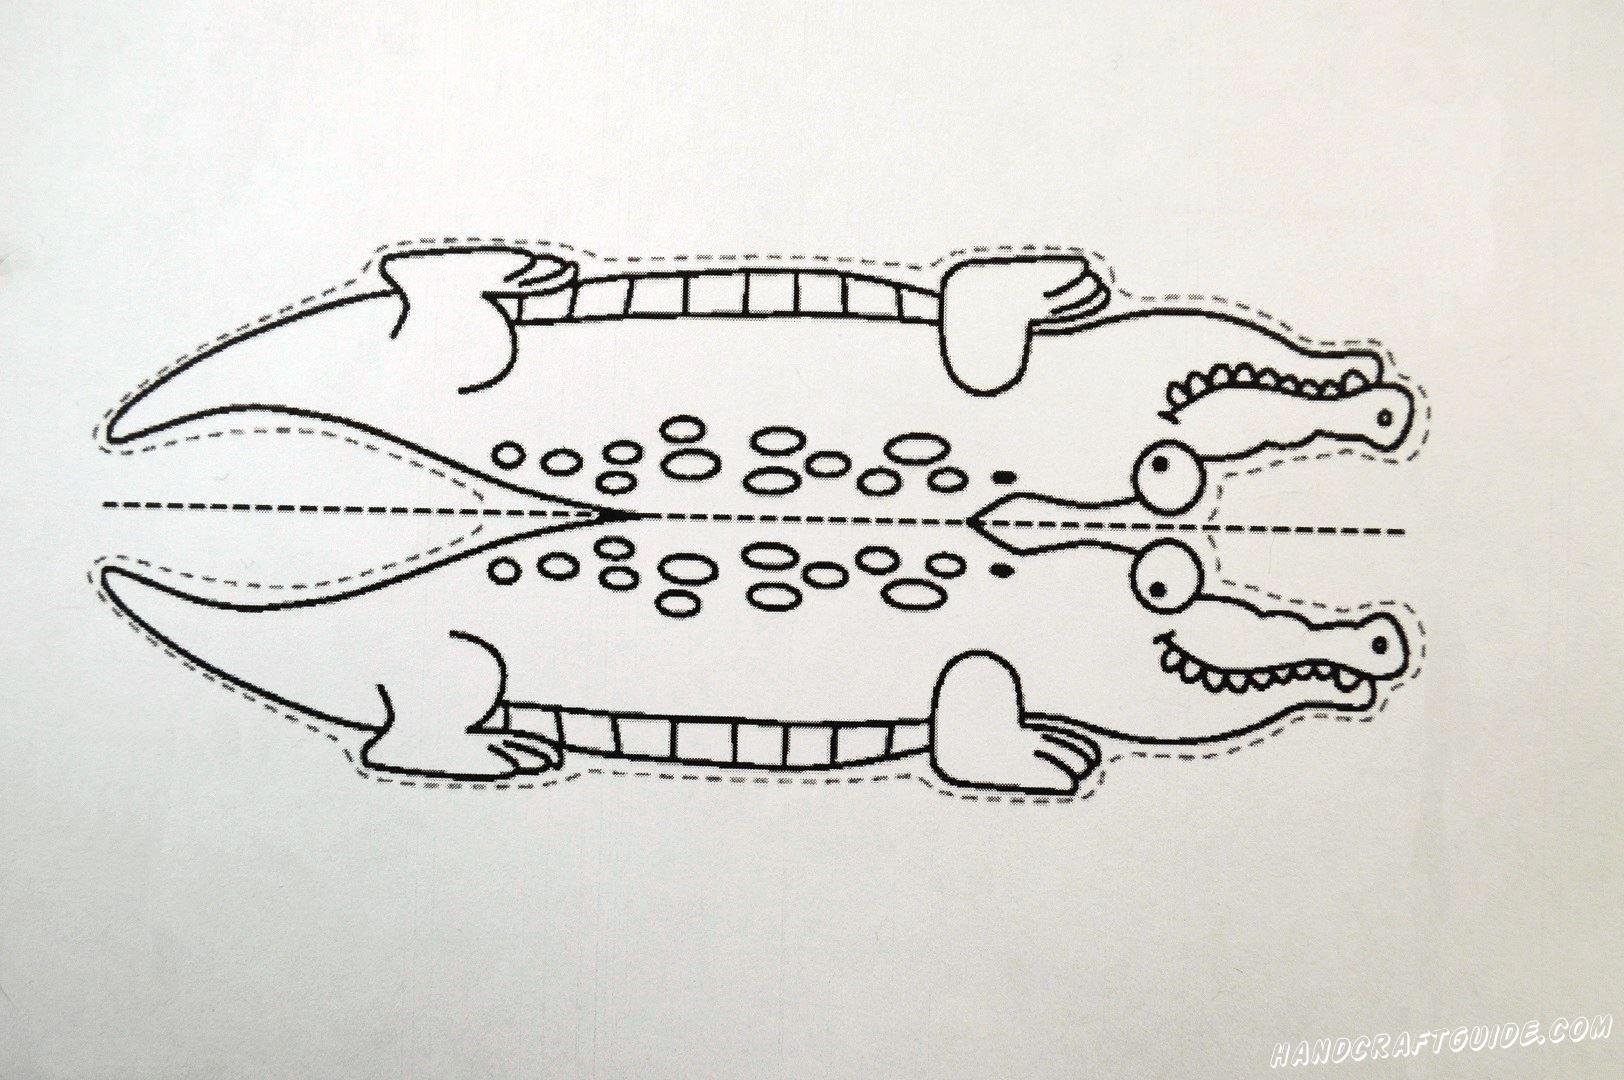 Для начала давайте распечатаем картинку с крокодилом, которую мы подготовили специально для вас. Вырезаем нарисованный рисуночек